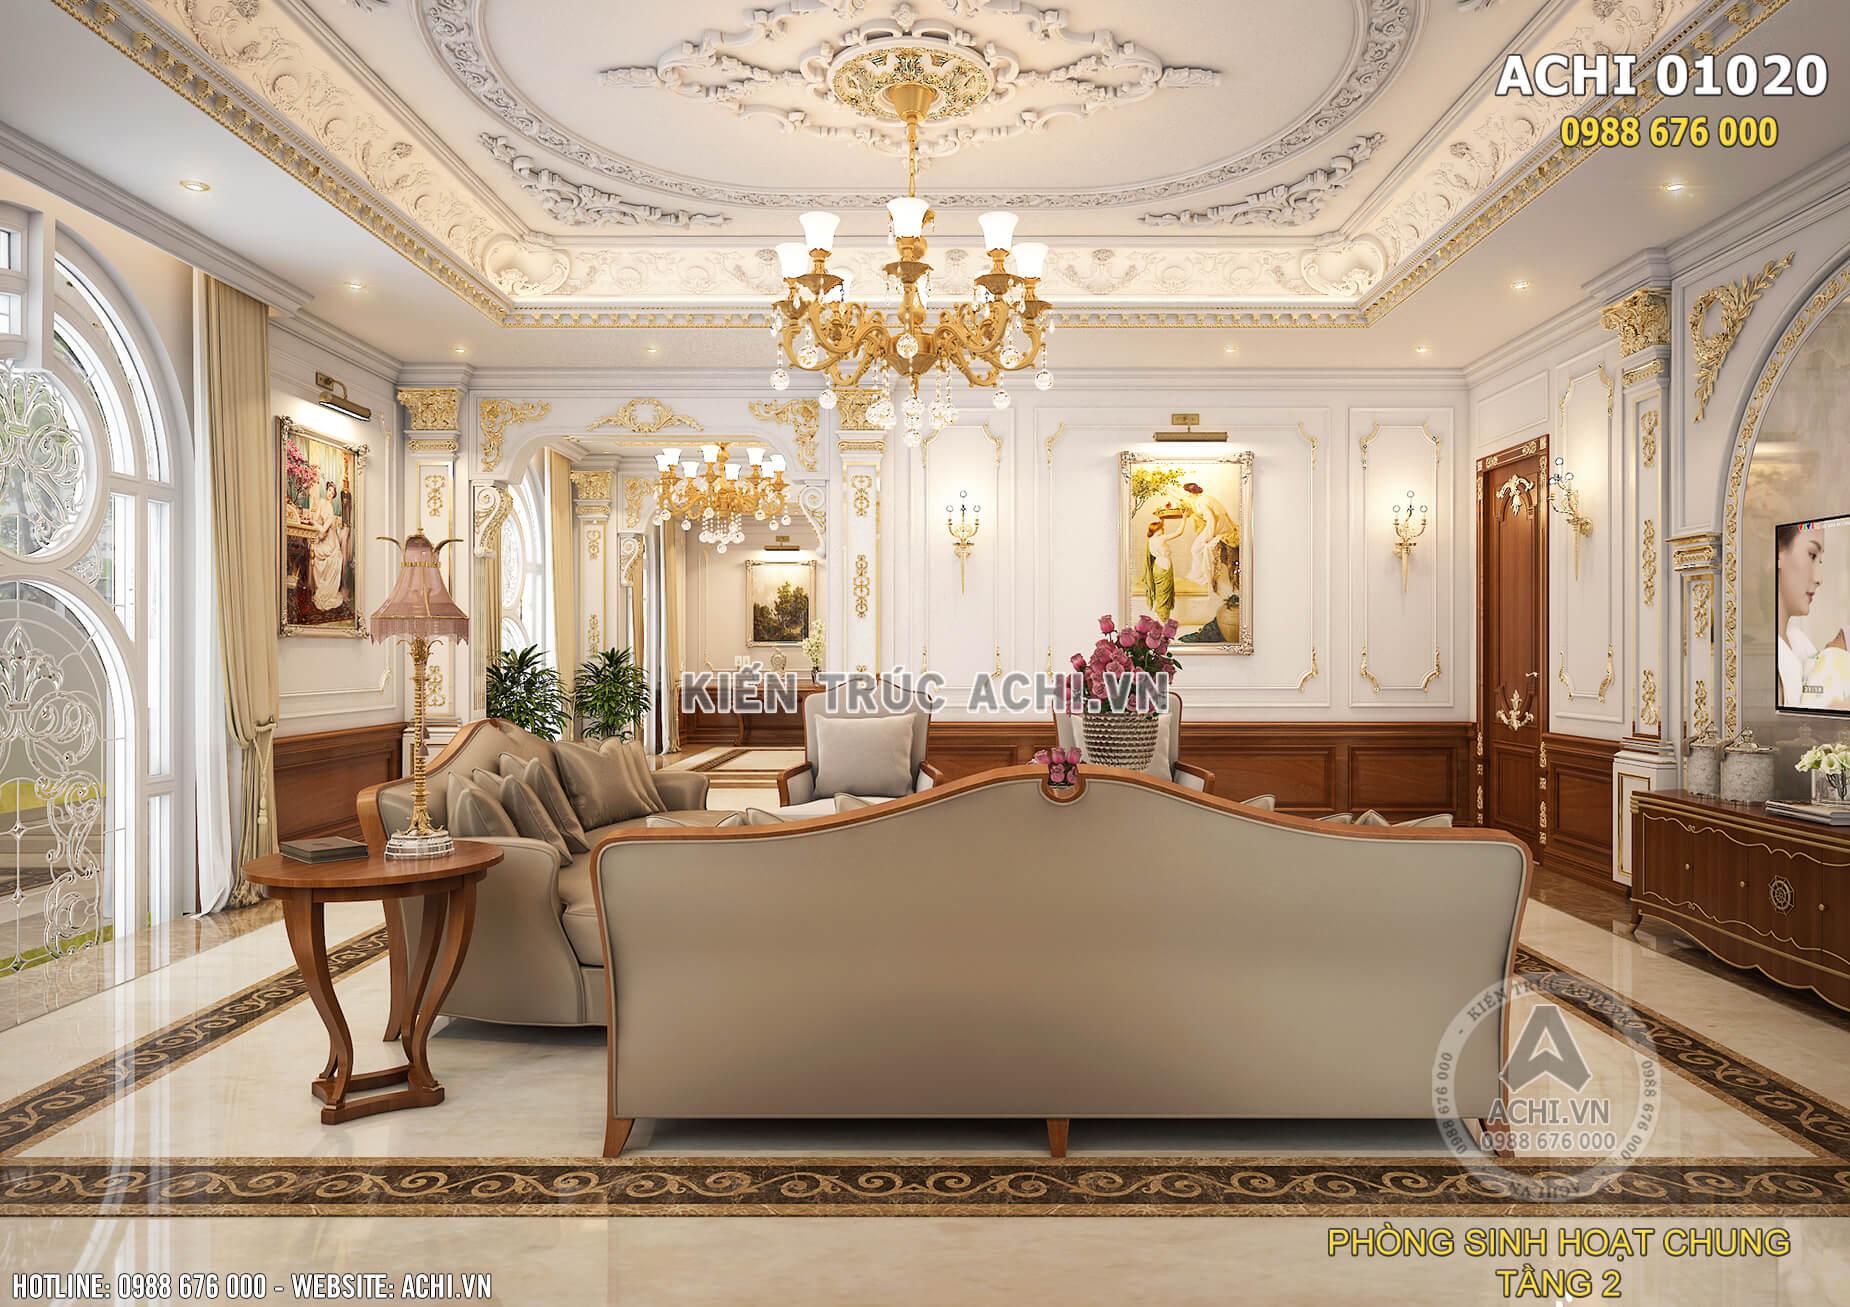 Một góc view của mẫu thiết kế nội thất phòng sinh hoạt chung